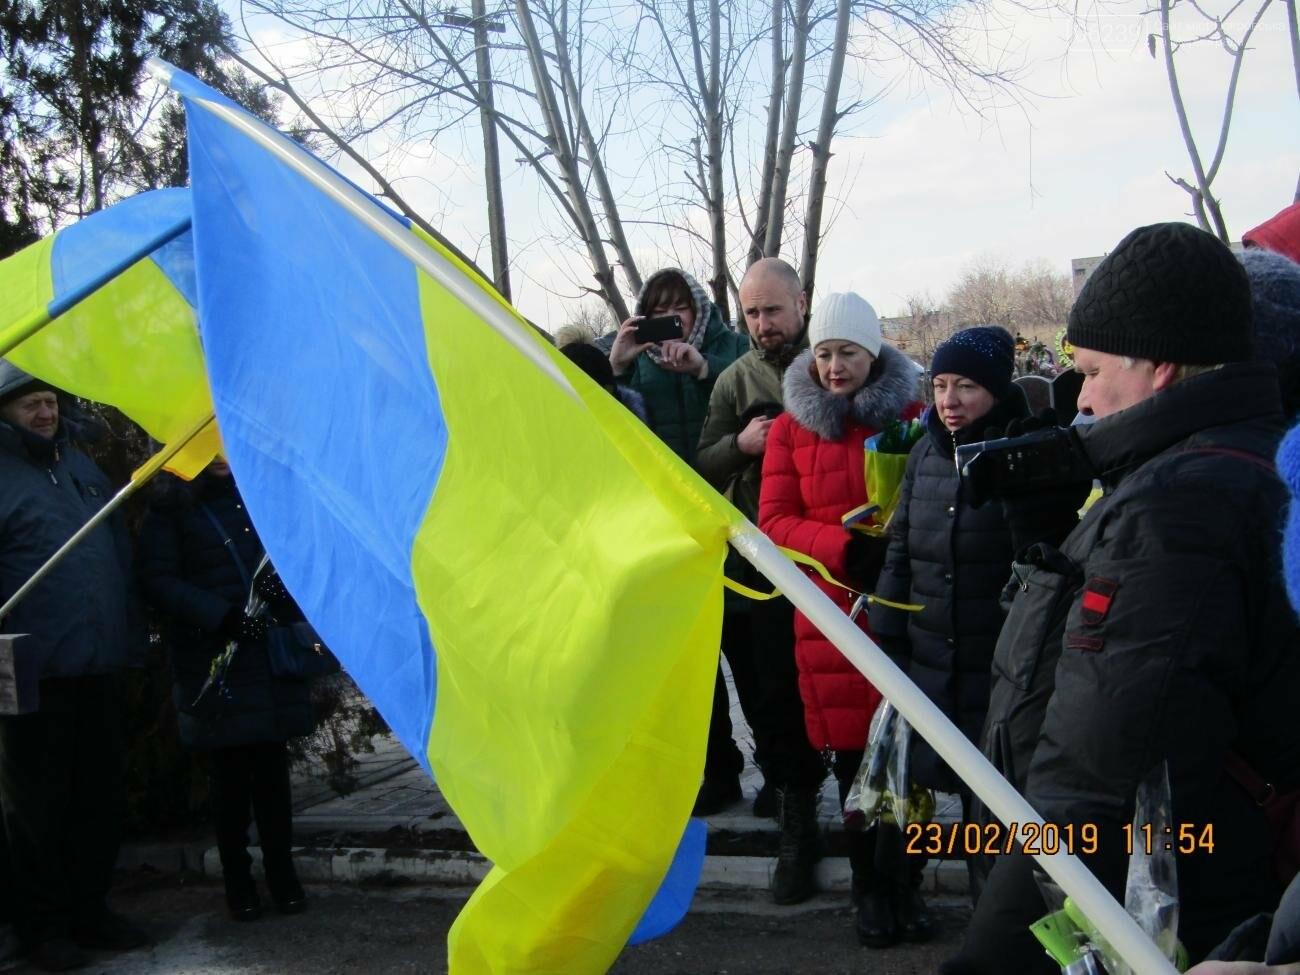 В Родинском провели акцию по чествованию памяти погибших во время АТО и ООС украинских воинов, фото-1